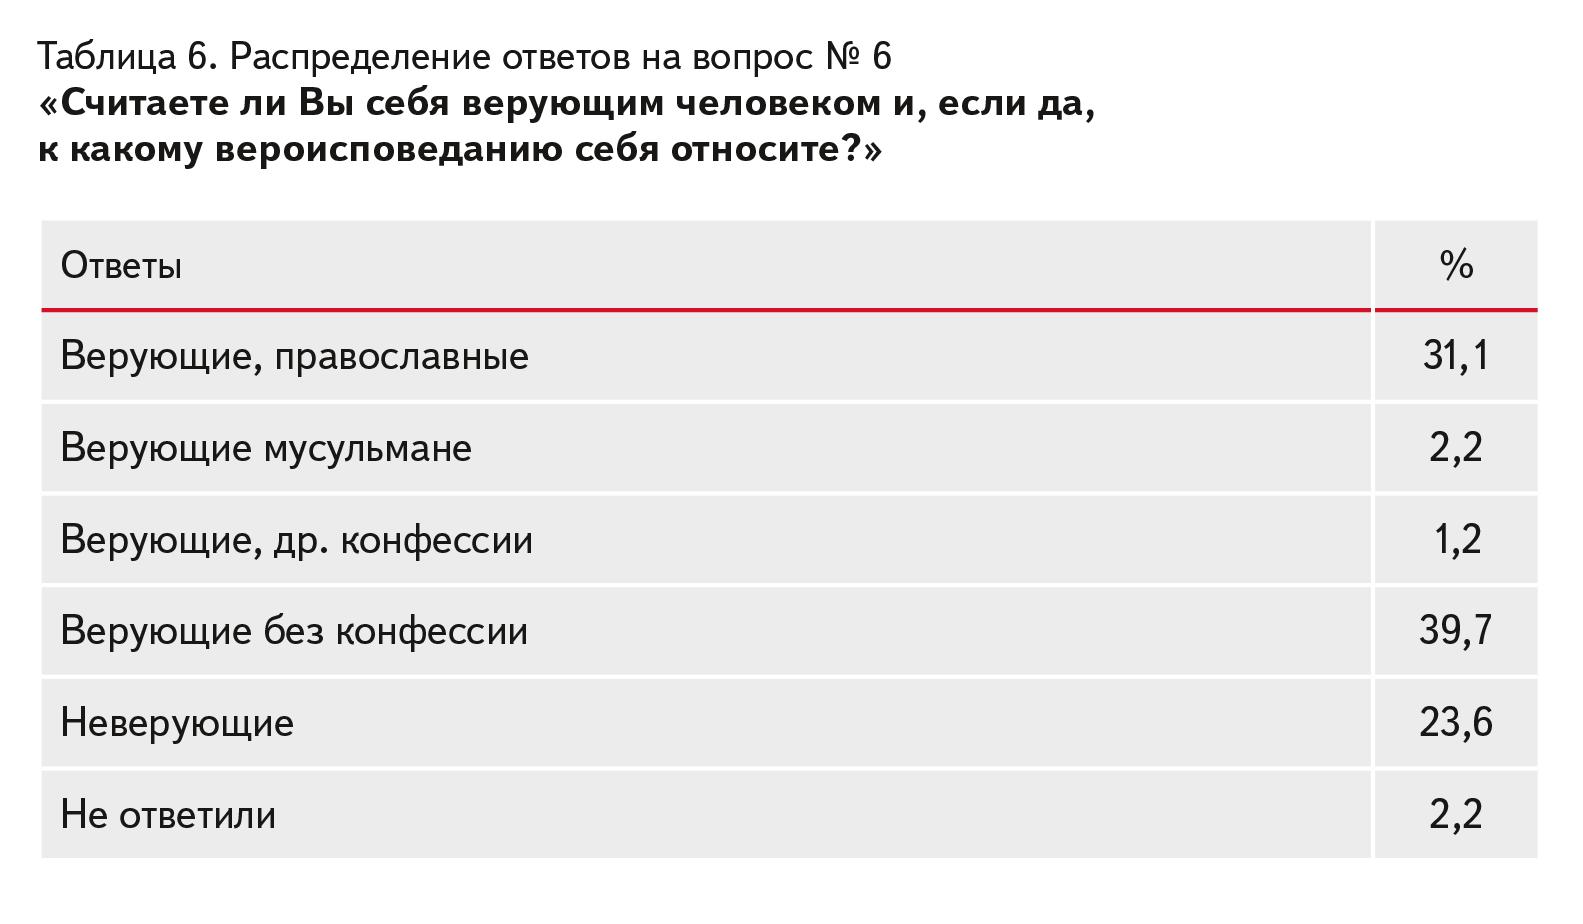 20190809_02-34-АКСИО-8-Состояние умов-pic07